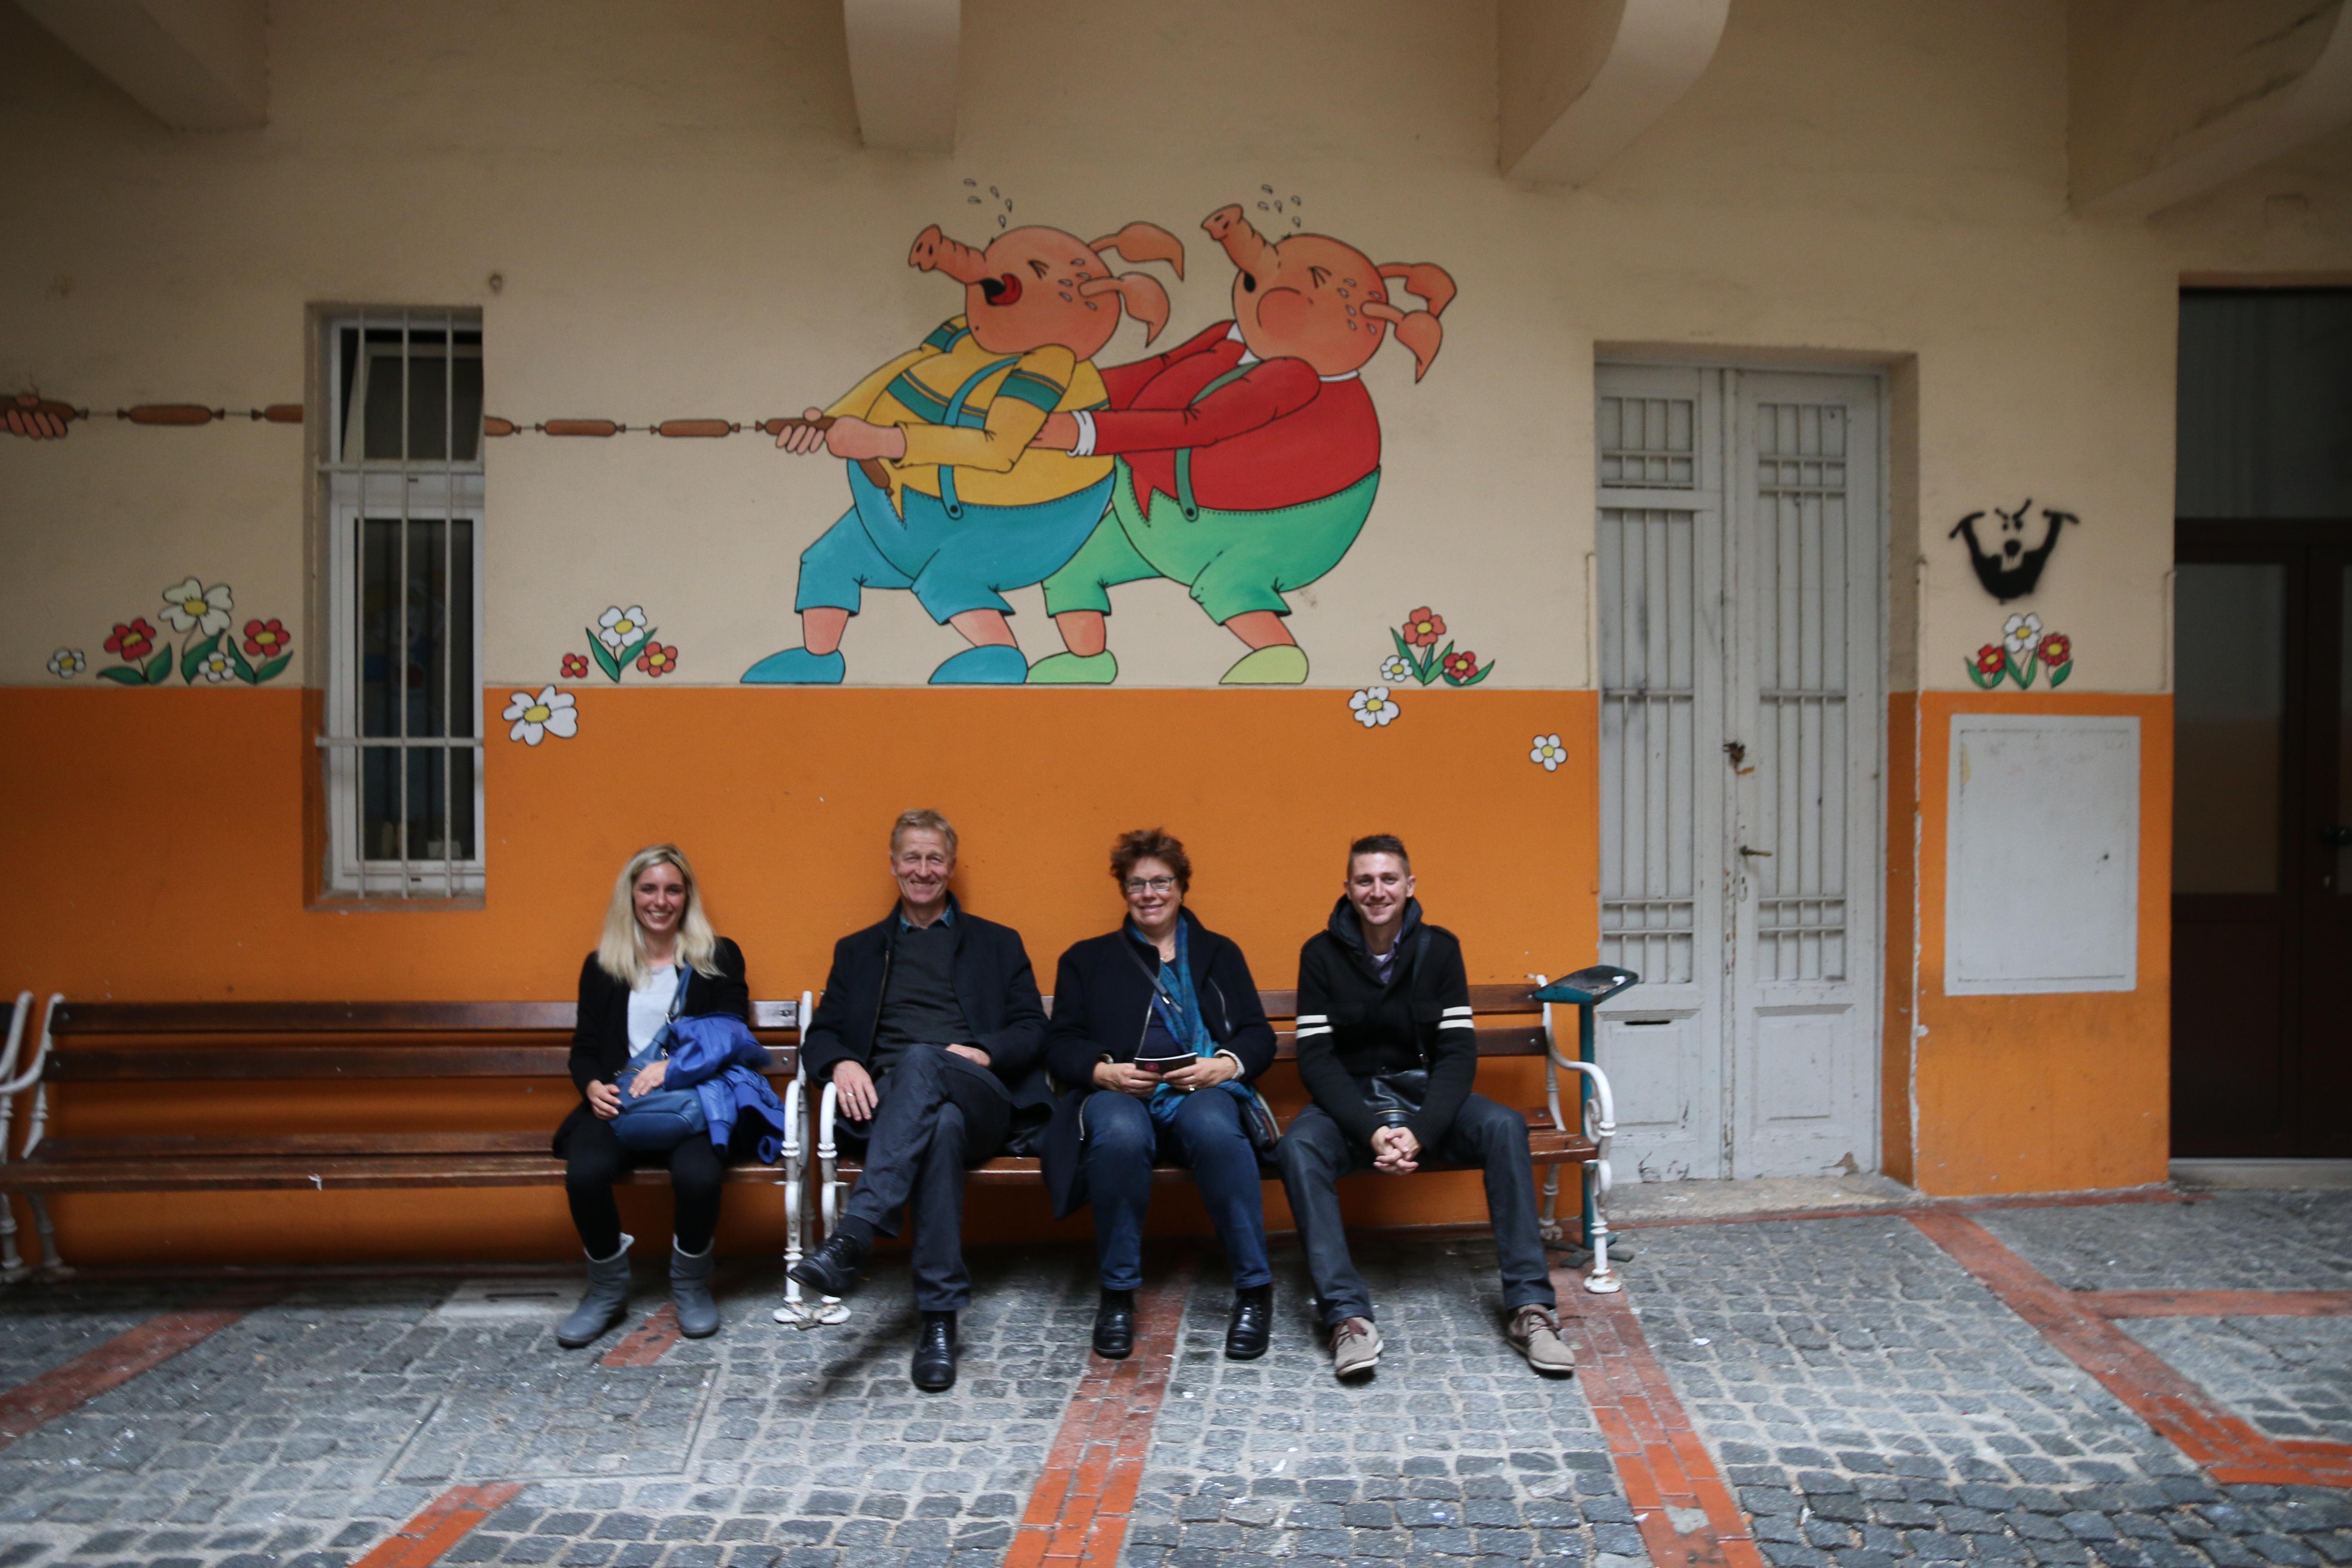 Amsterdamski stručnjak za prenamjenu napuštenih gradskih prostora za potrebe kulture posjetio Rijeku